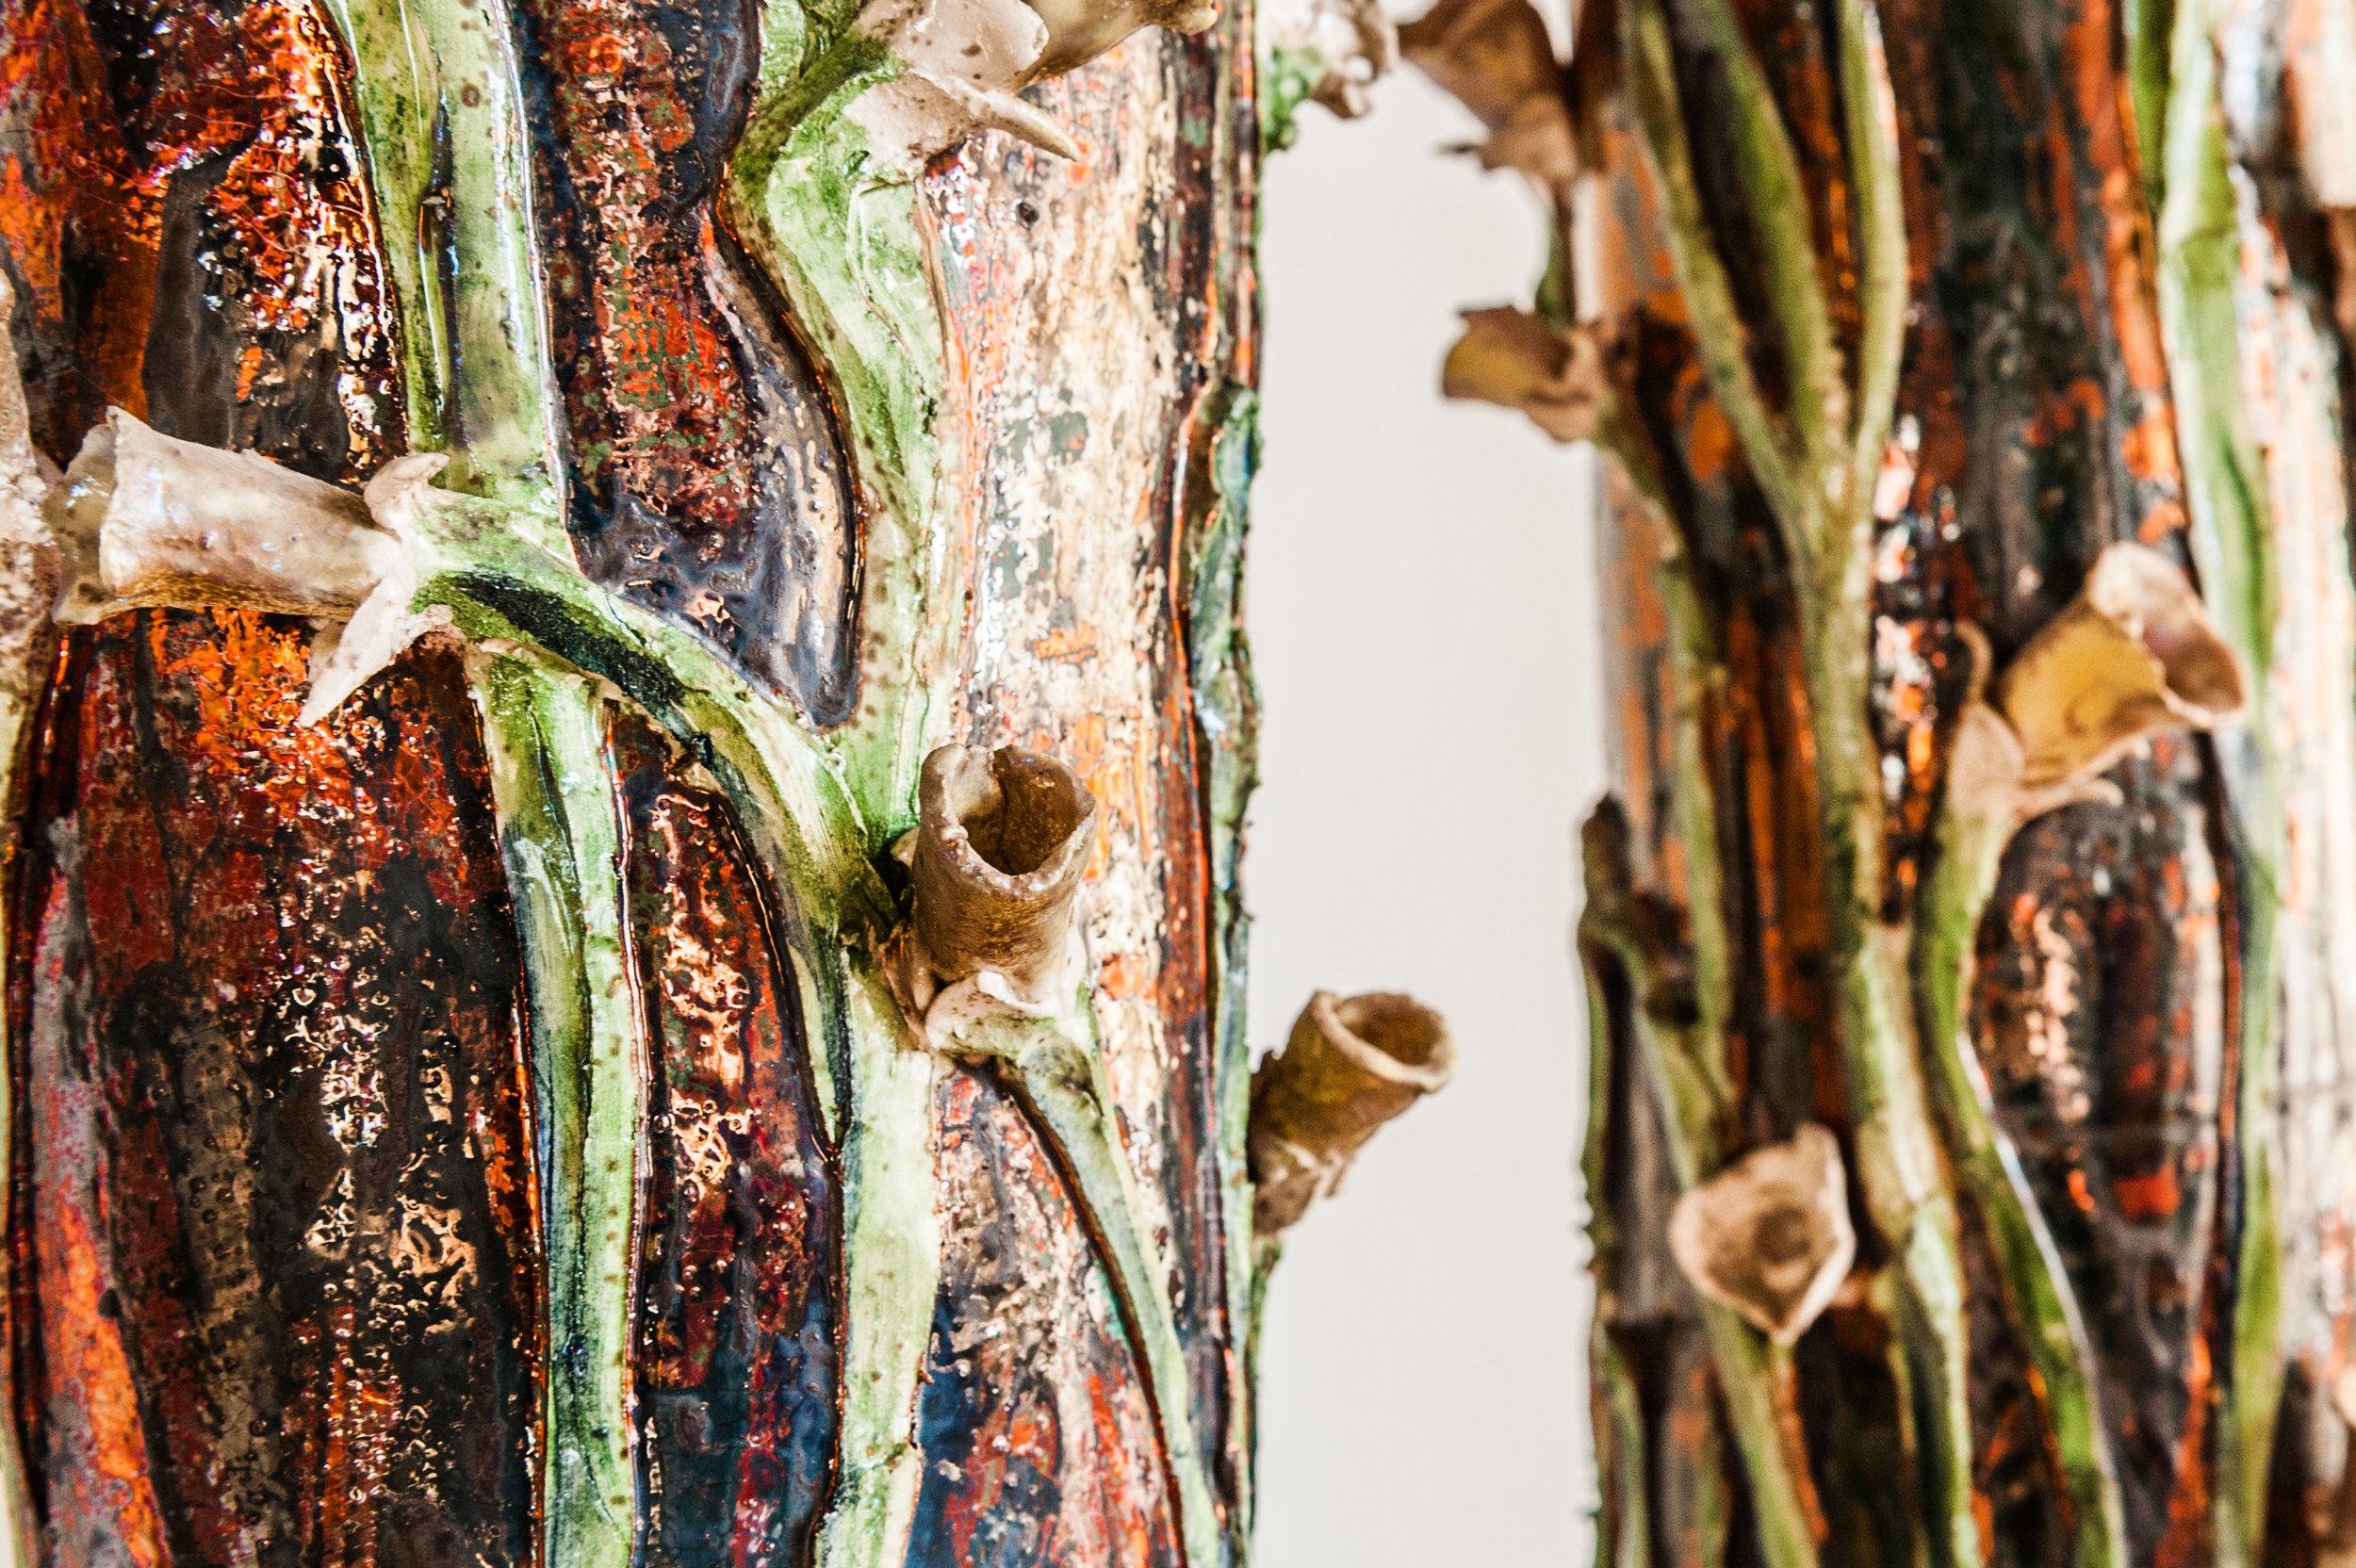 Paolo Staccioli, Vaso con fiori (Vase with Flowers), 1998 [Detail]